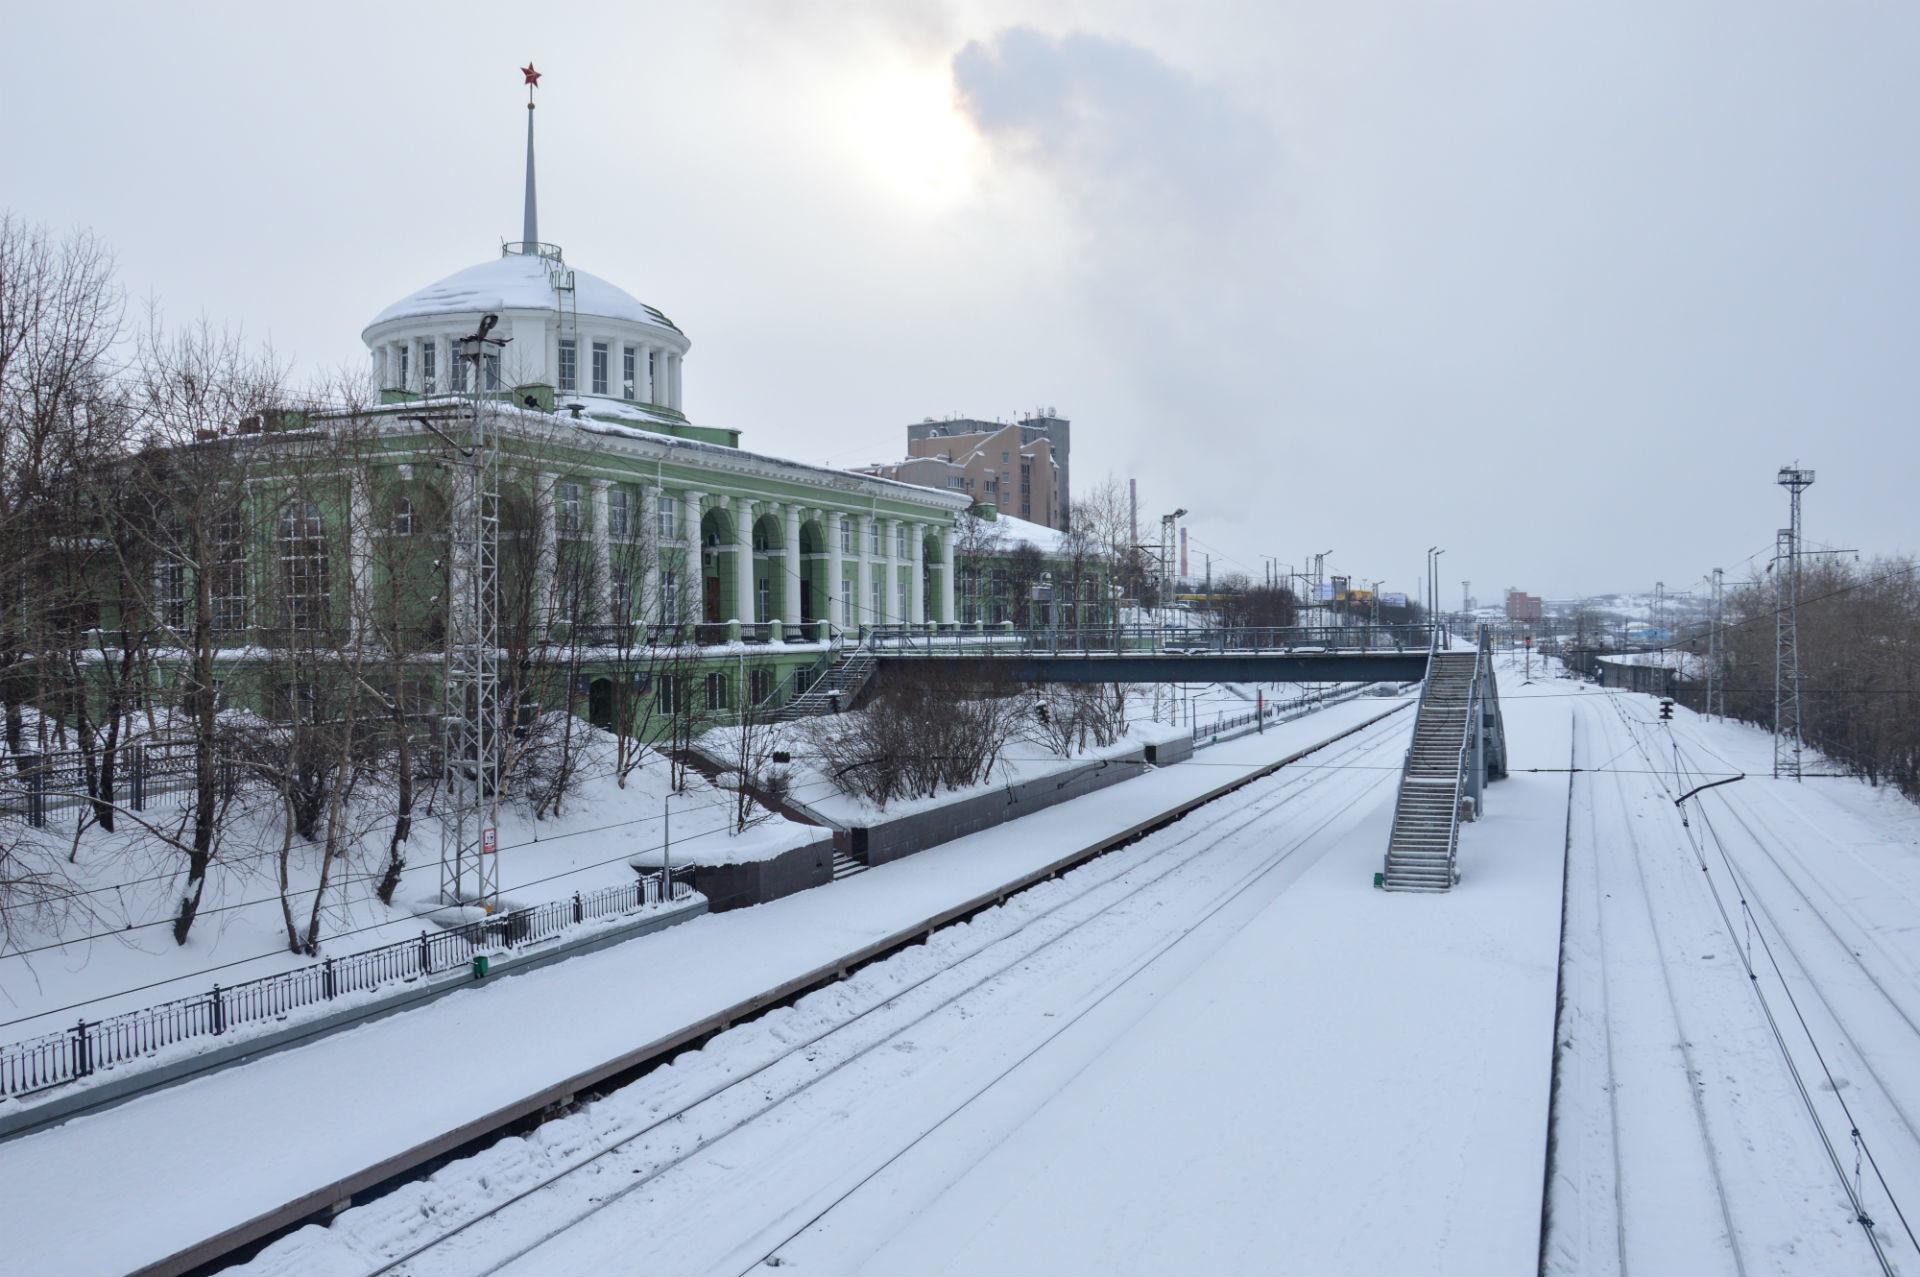 La stella rossa, che i viaggiatori noteranno all'arrivo, è il simbolo di un'epoca passata a Murmansk